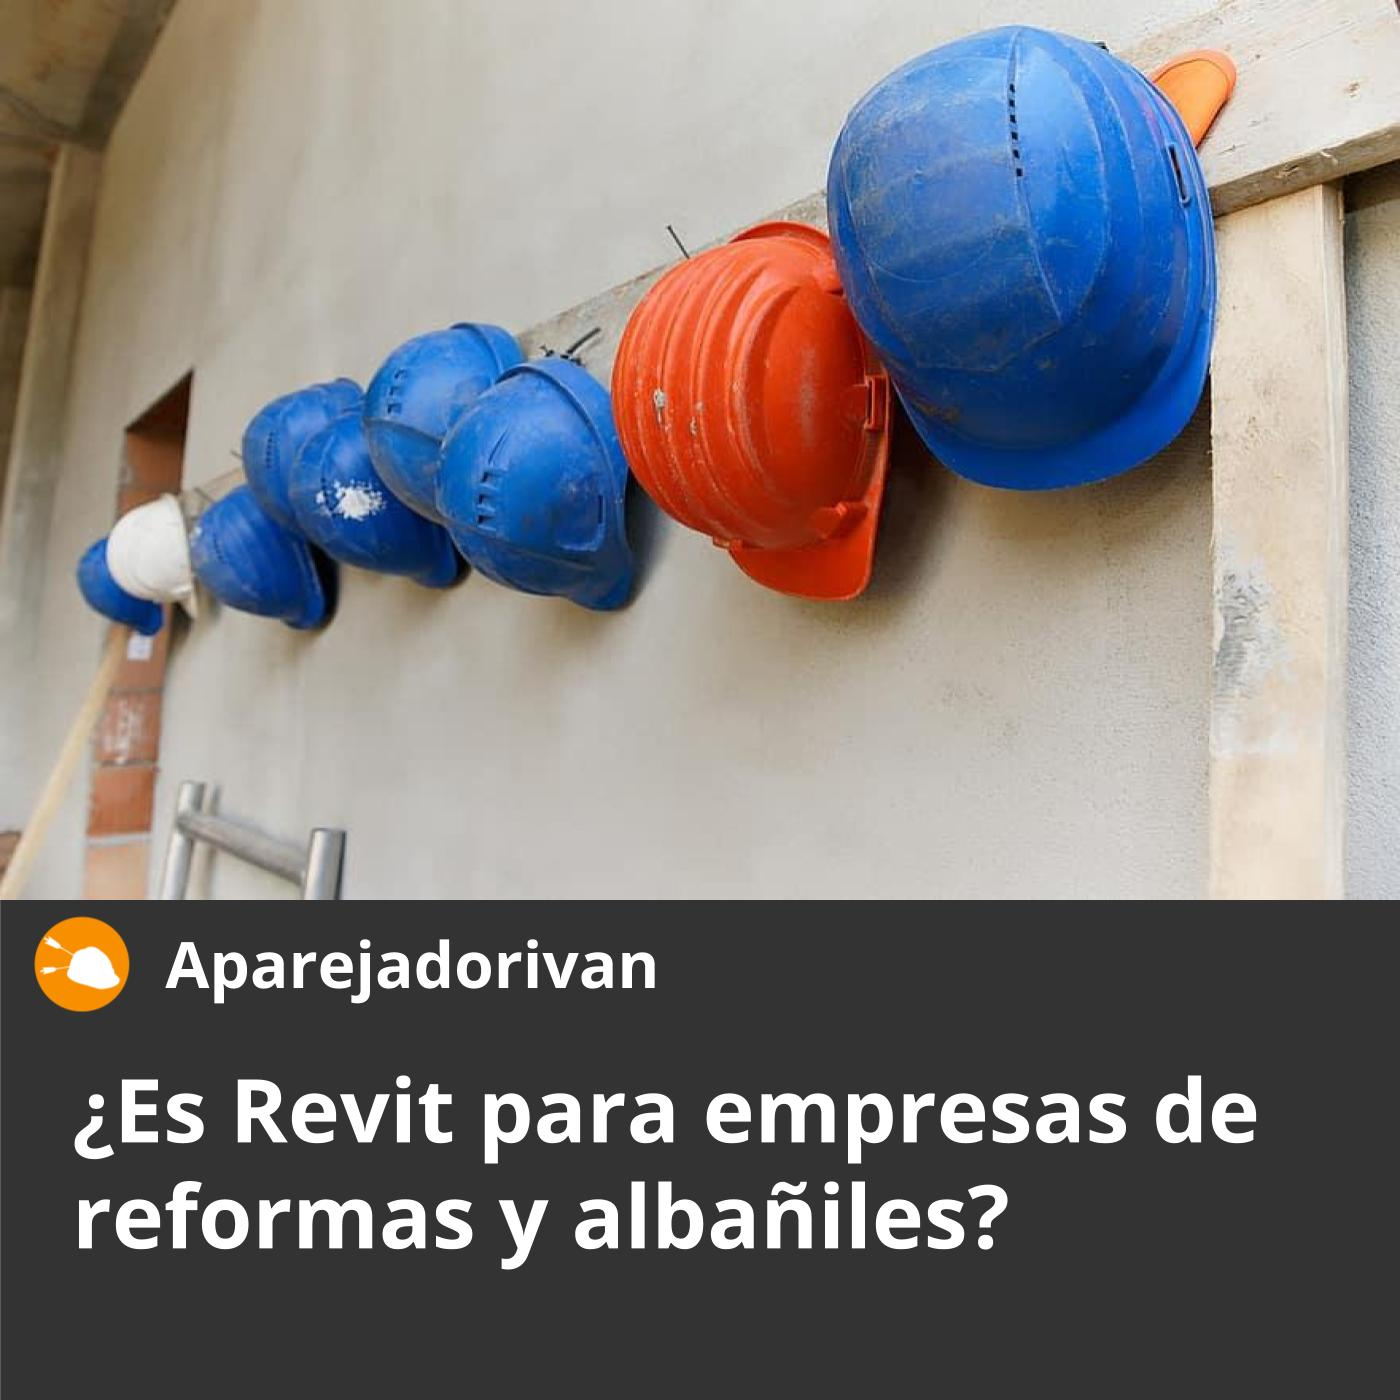 es revit para empresas de reformas y albañiles